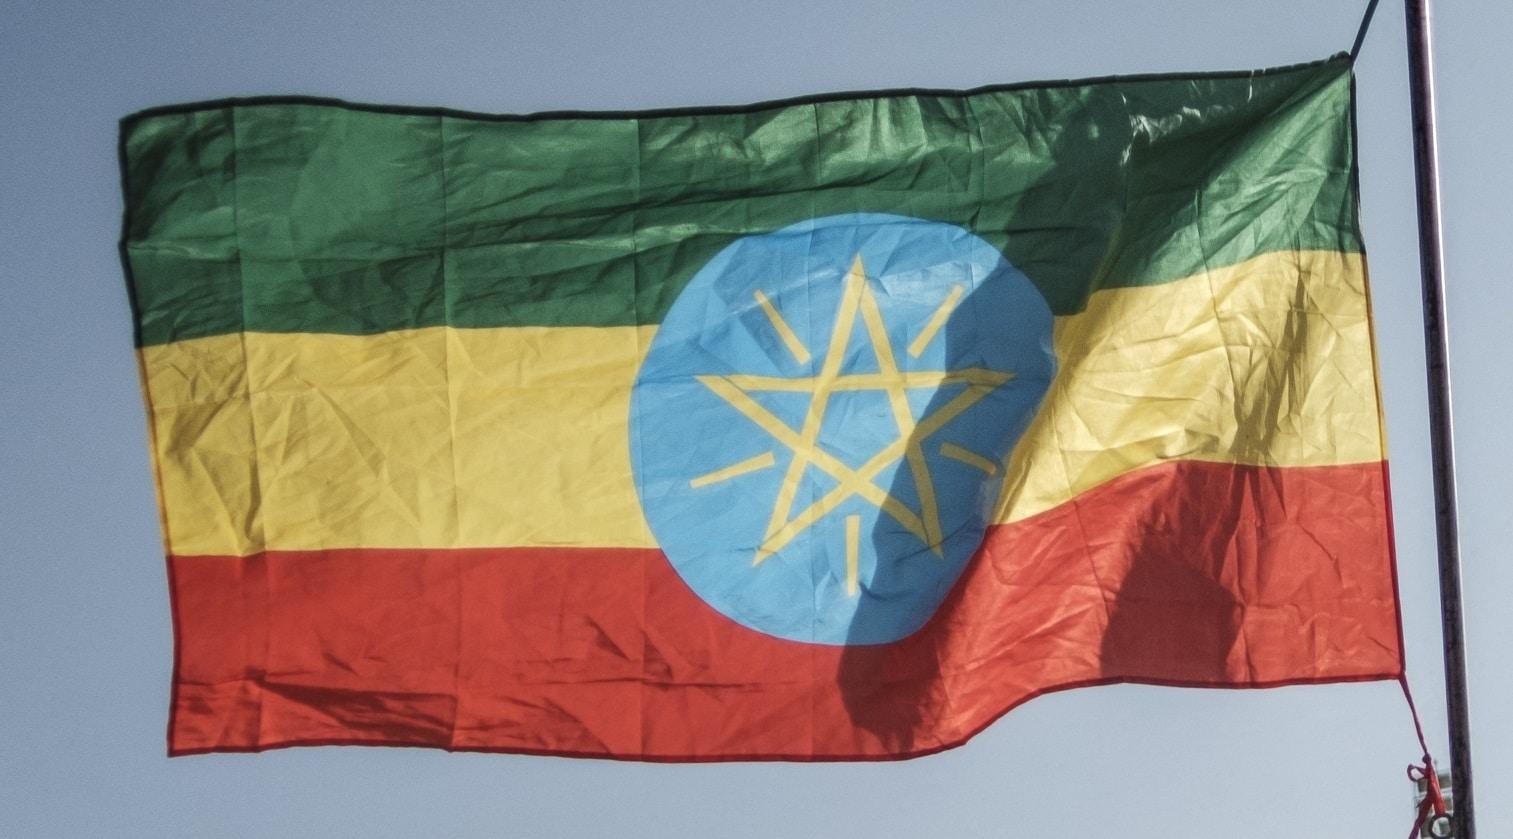 اثيوبيا تغلق سفارتها في الكويت